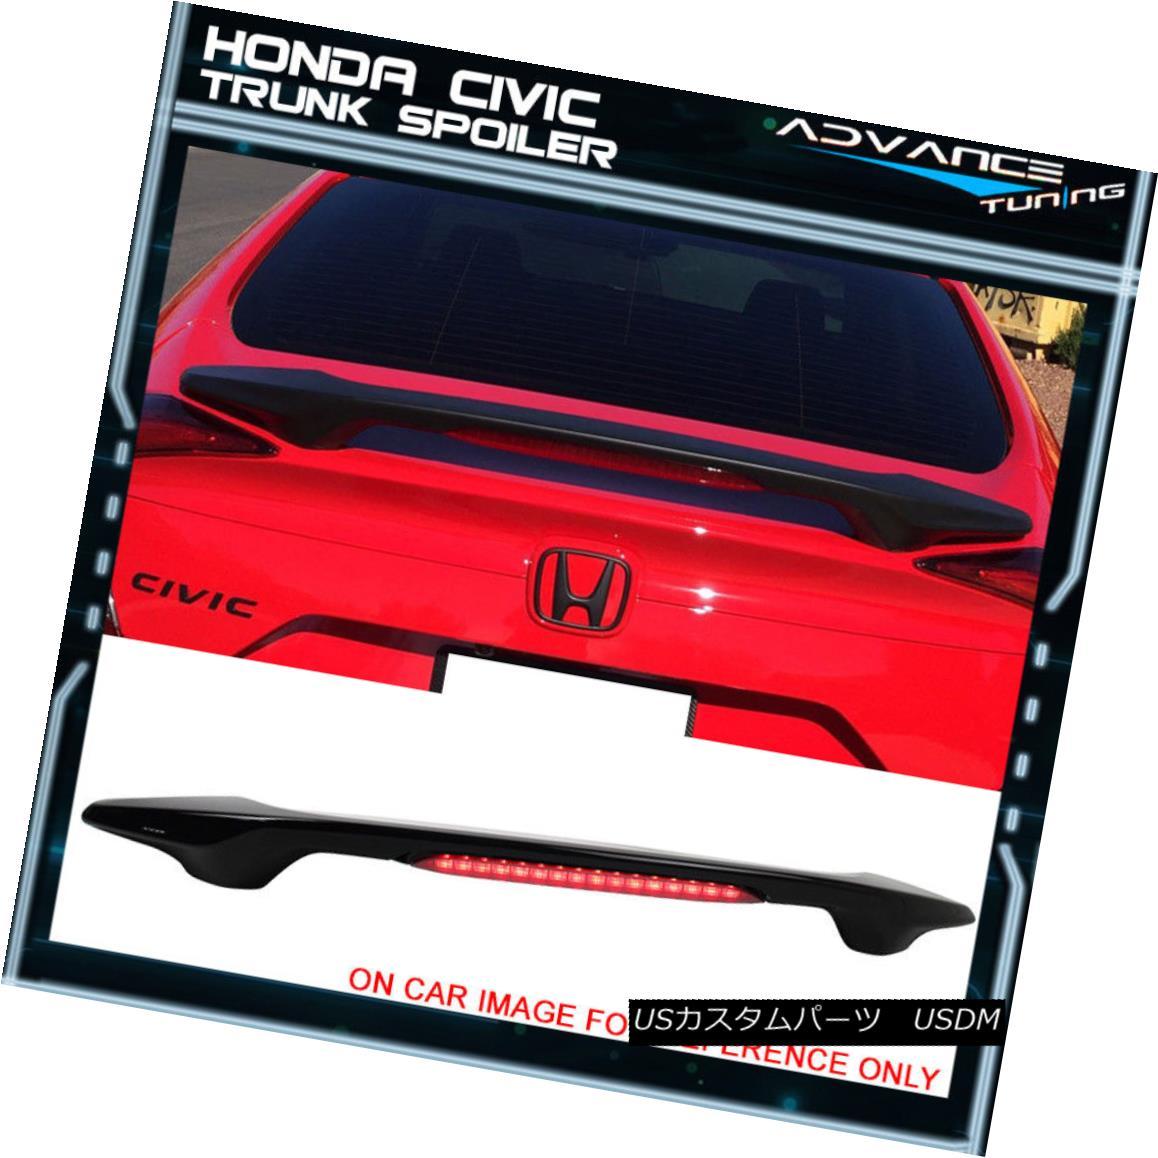 エアロパーツ 16-18 Civic LED Brake Light Trunk Spoiler Painted #NH731P Crystal Black Pearl 16-18シビックLEDブレーキライトトランクスポイラー塗装#NH731Pクリスタルブラックパール